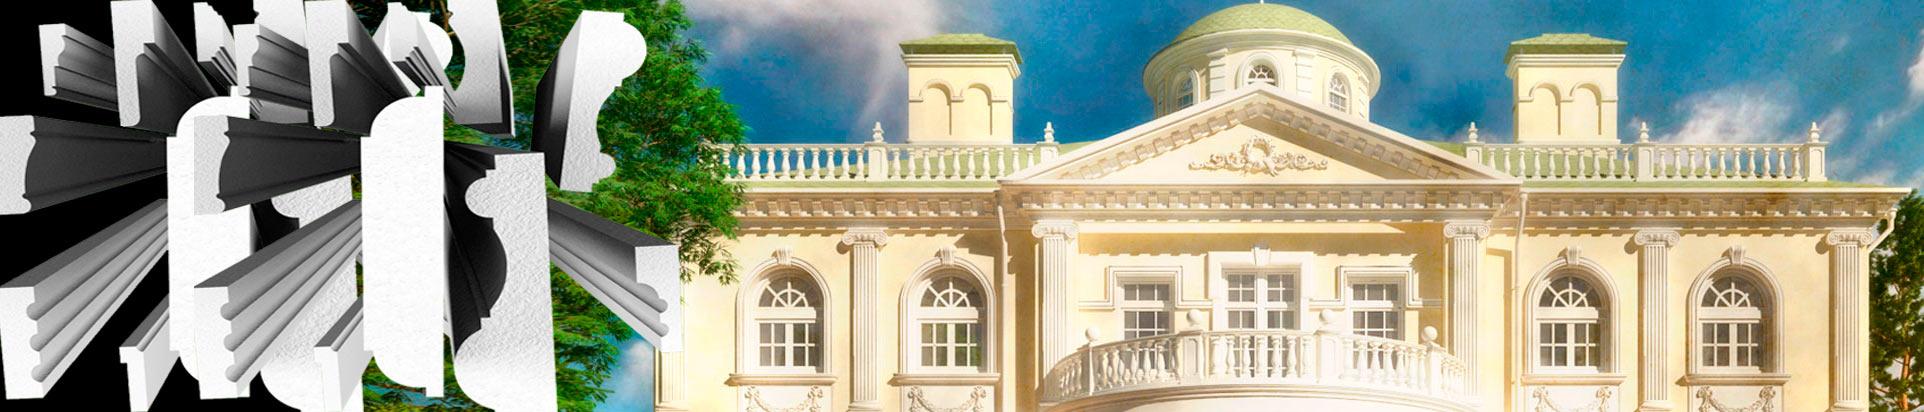 Профили, карнизы, колонны из пенопласта для фасада дома.